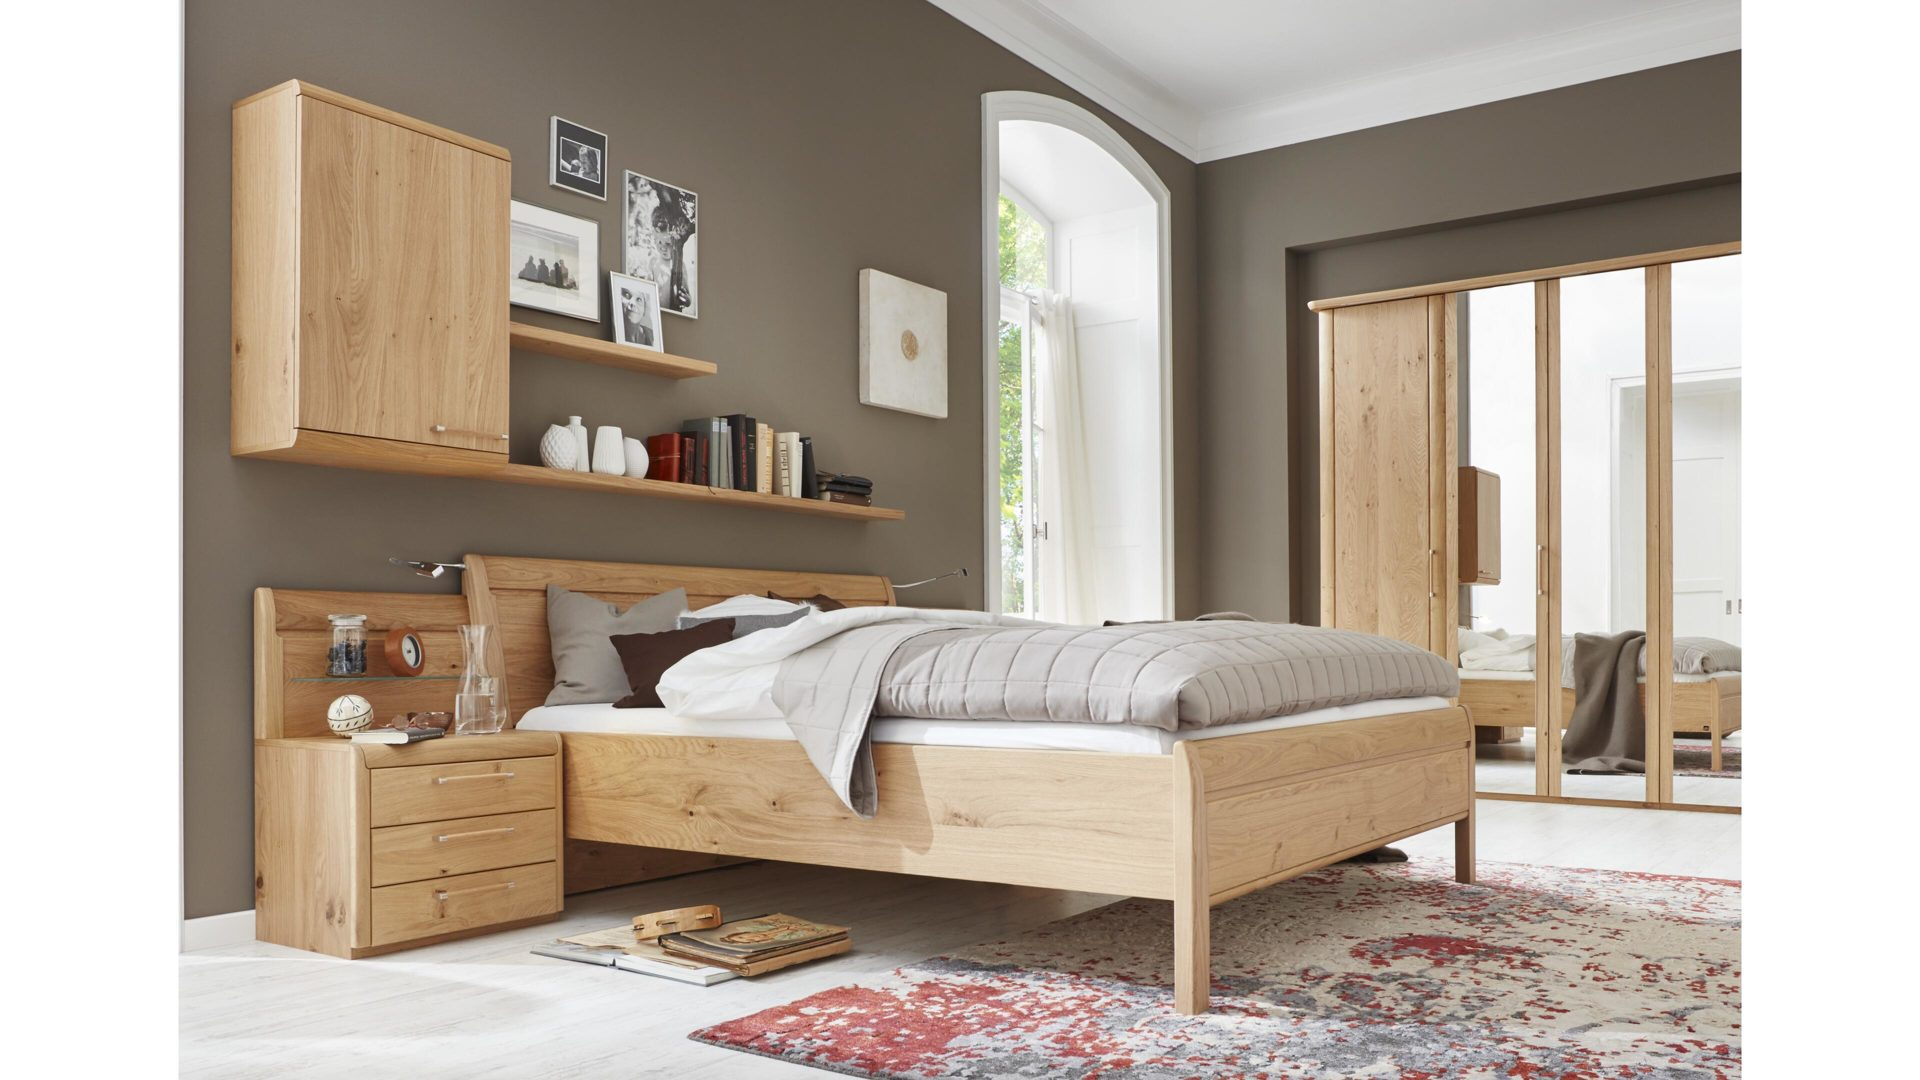 Hertel Möbel e.K. Gesees, Räume, Schlafzimmer, Betten, Interliving ...